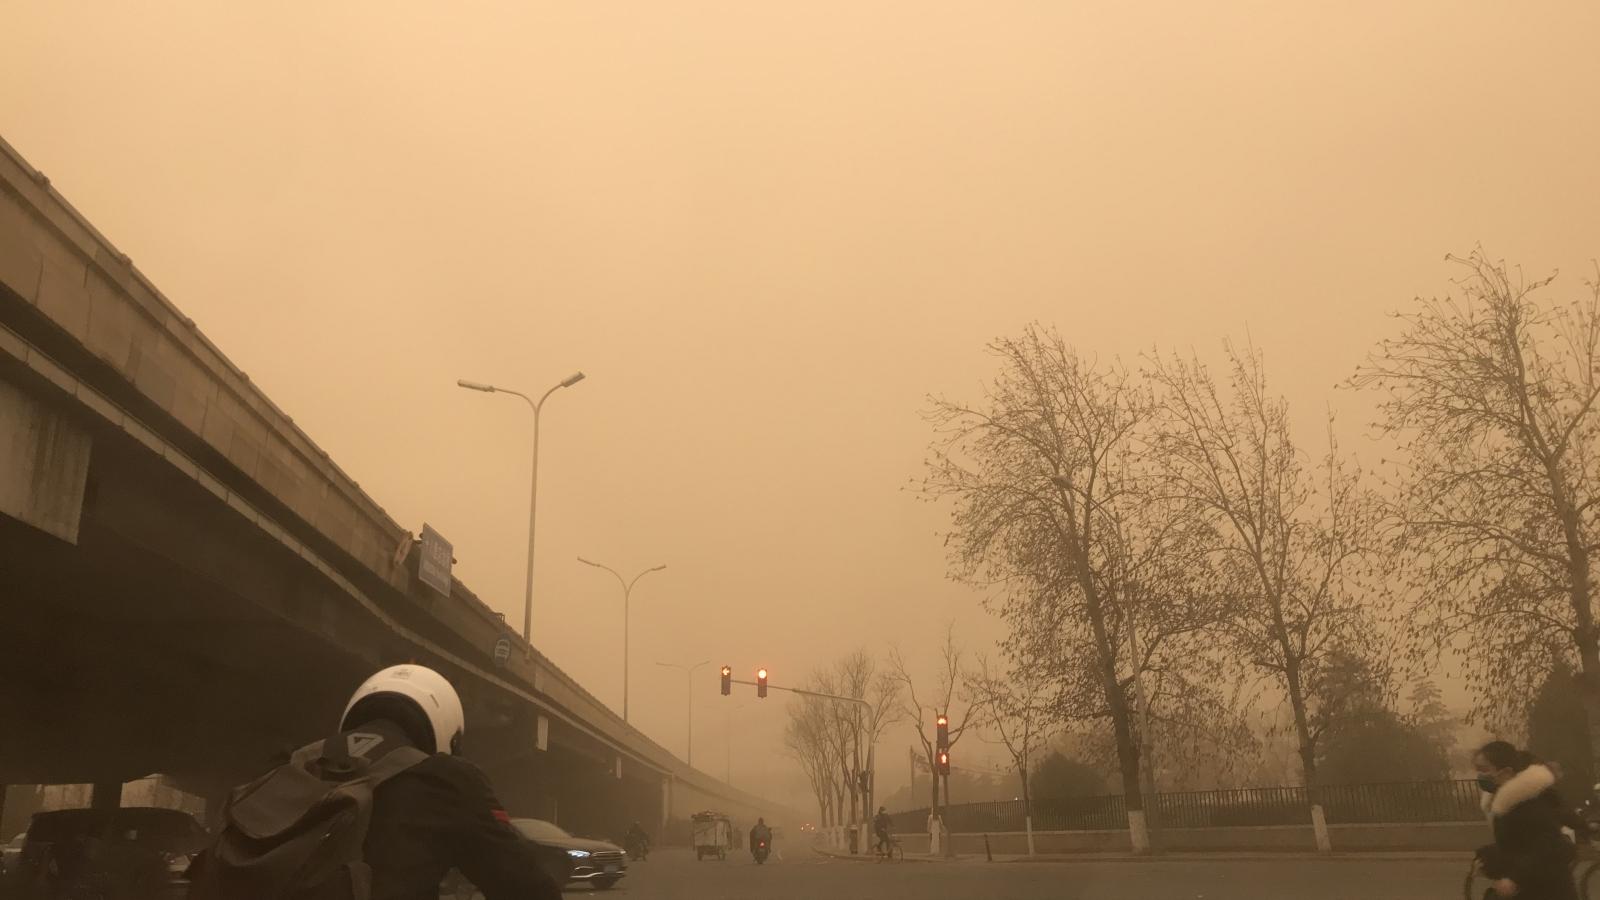 Thủ đô Bắc Kinh (Trung Quốc) chìm trong bão cát